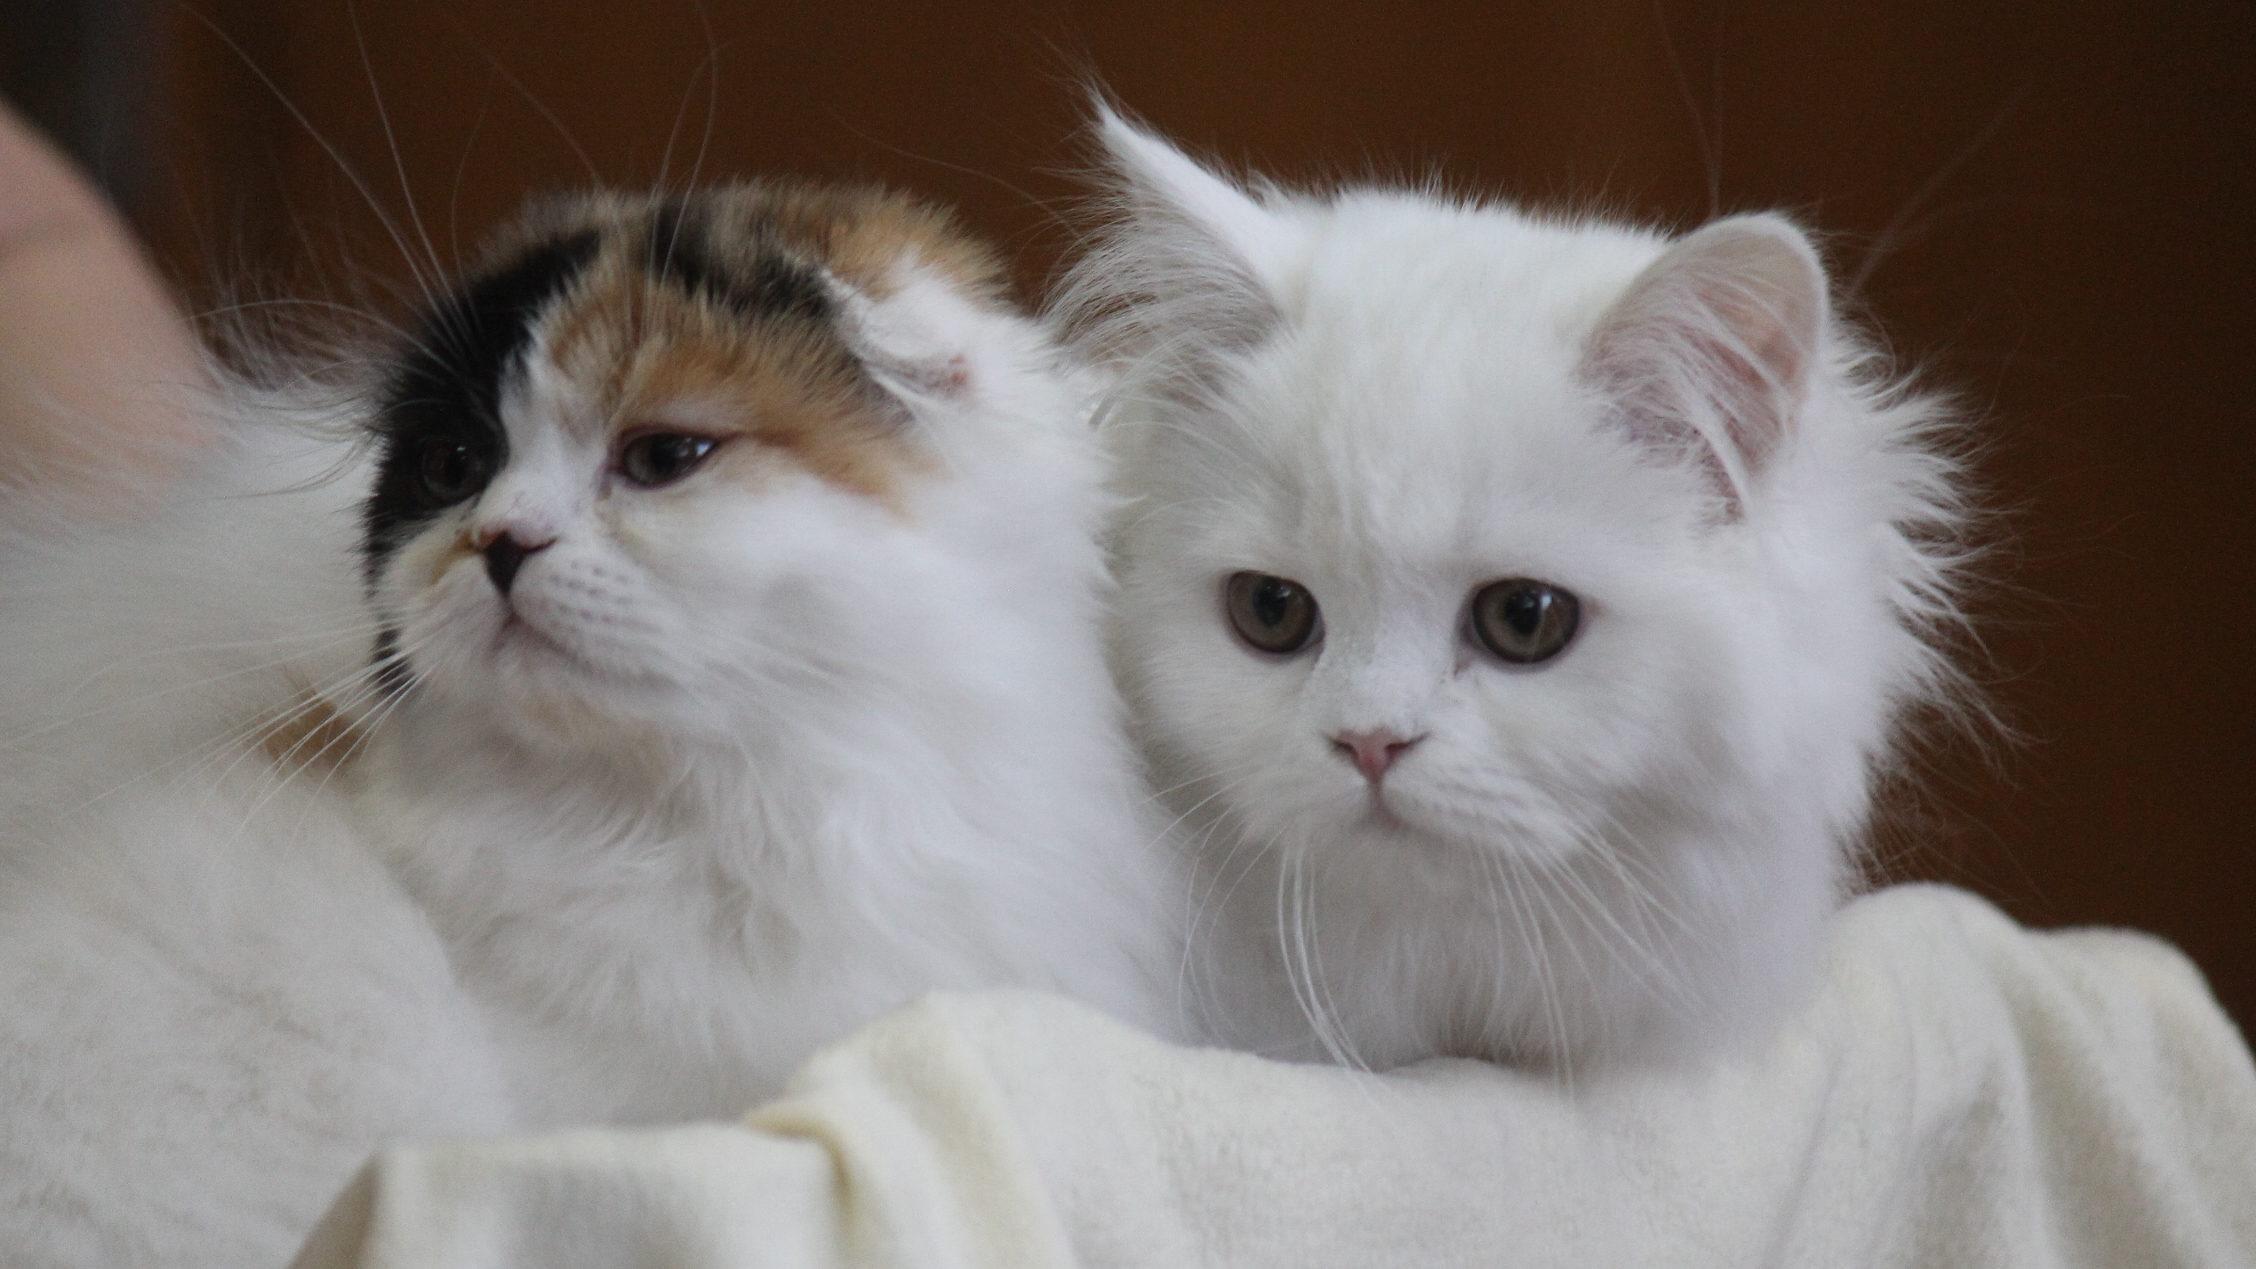 Сфинксы, манчкины и бобтейлы: в Запорожье на выставке показали кошек со всей Украины, – ФОТОРЕПОРТАЖ